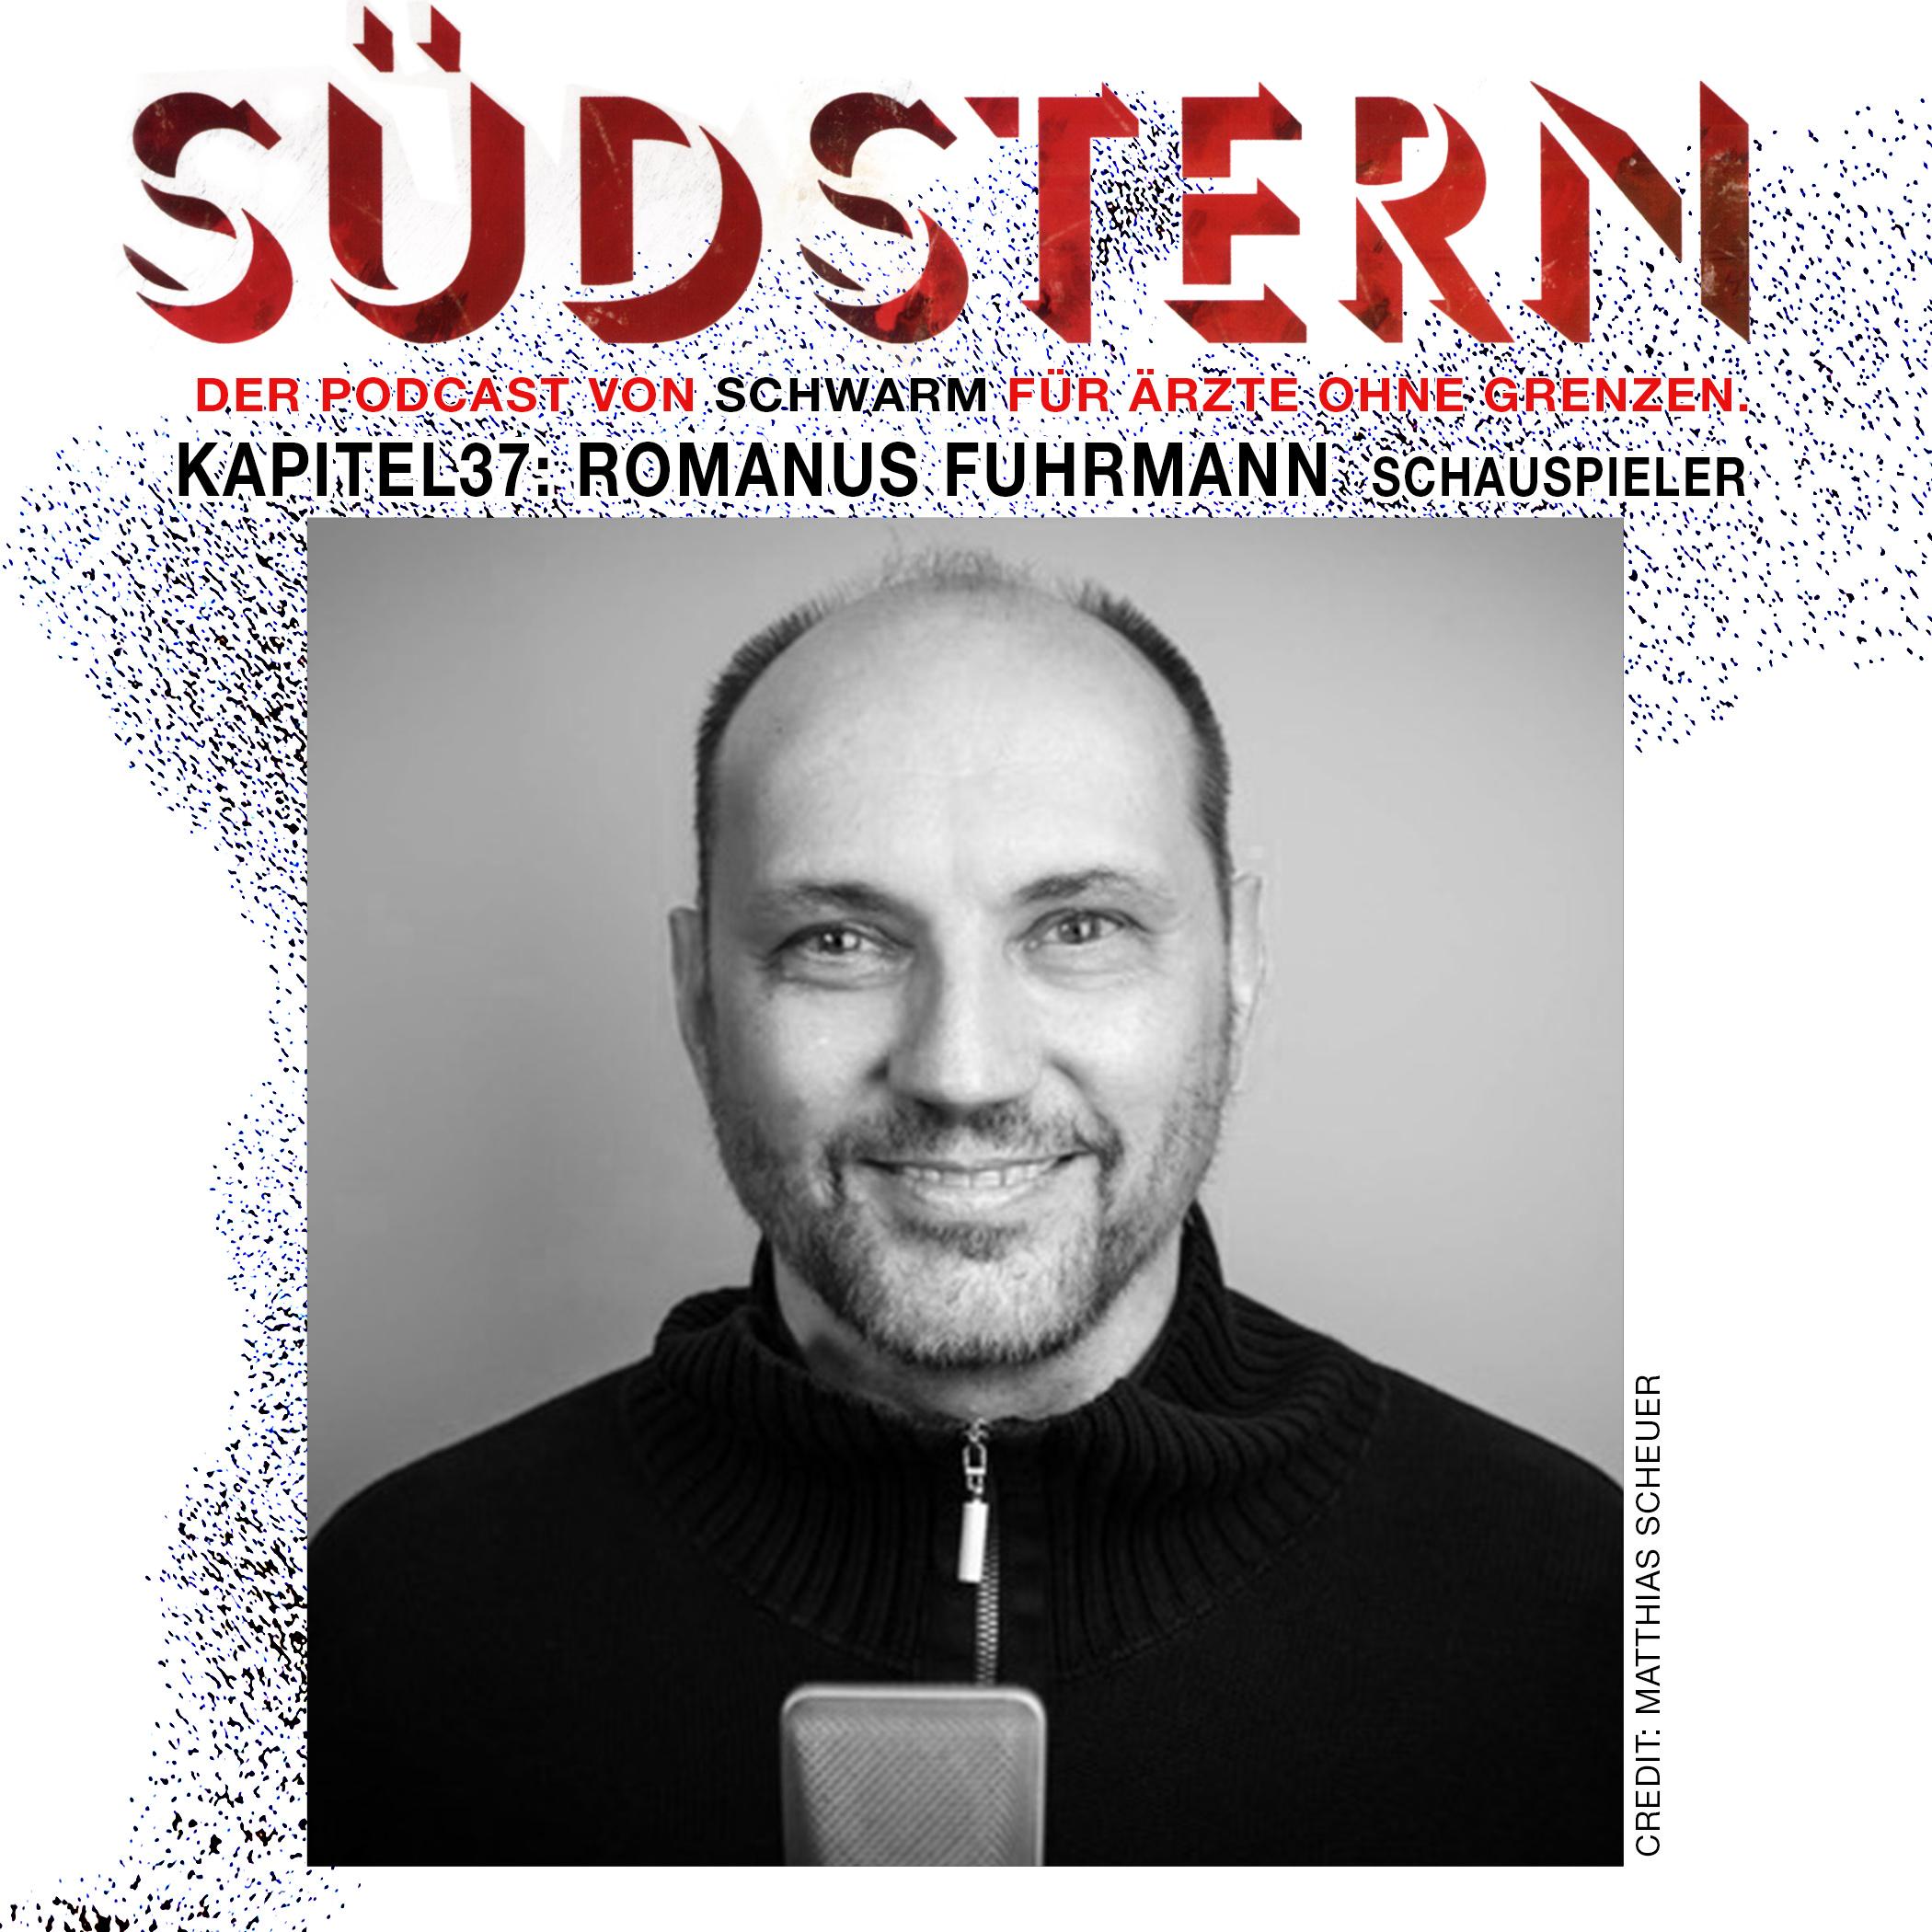 Kapitel 37 gelesen von Romanus Fuhrmann